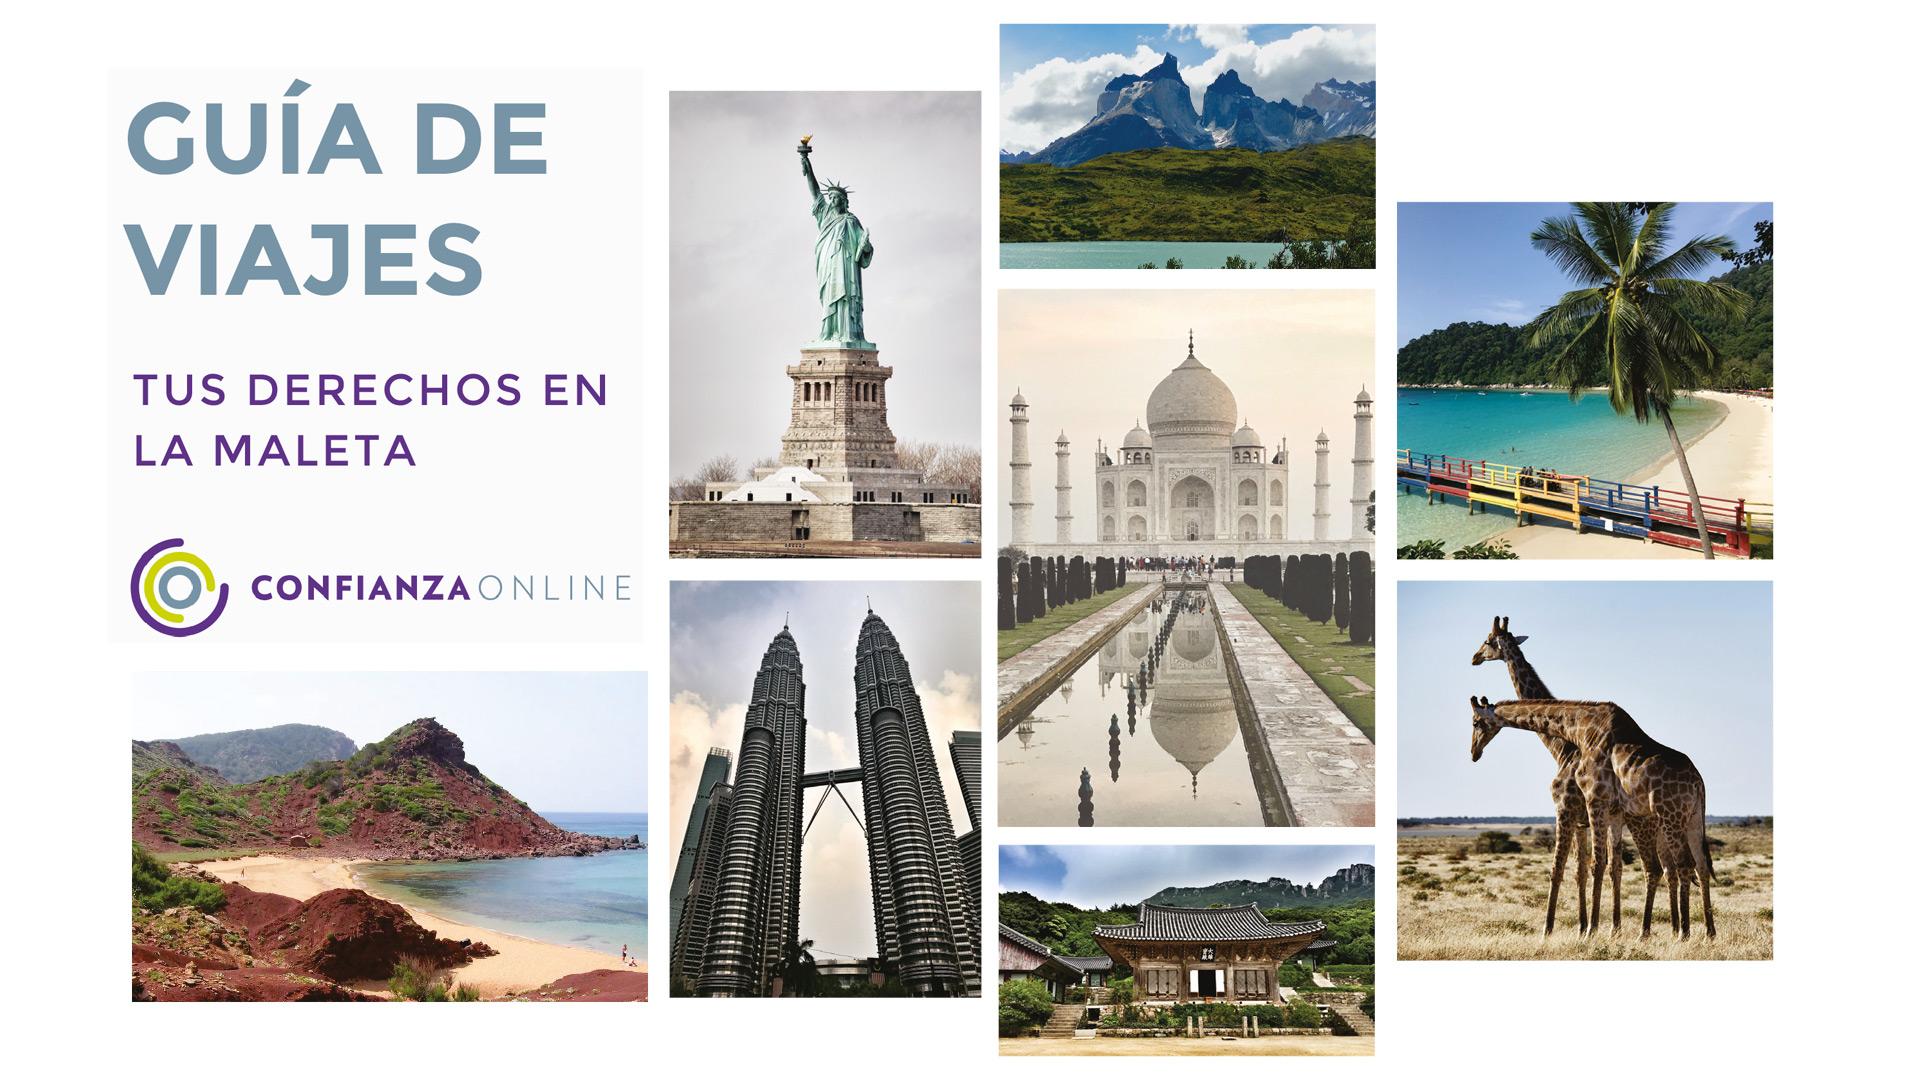 Guía de Viajes y Turismo